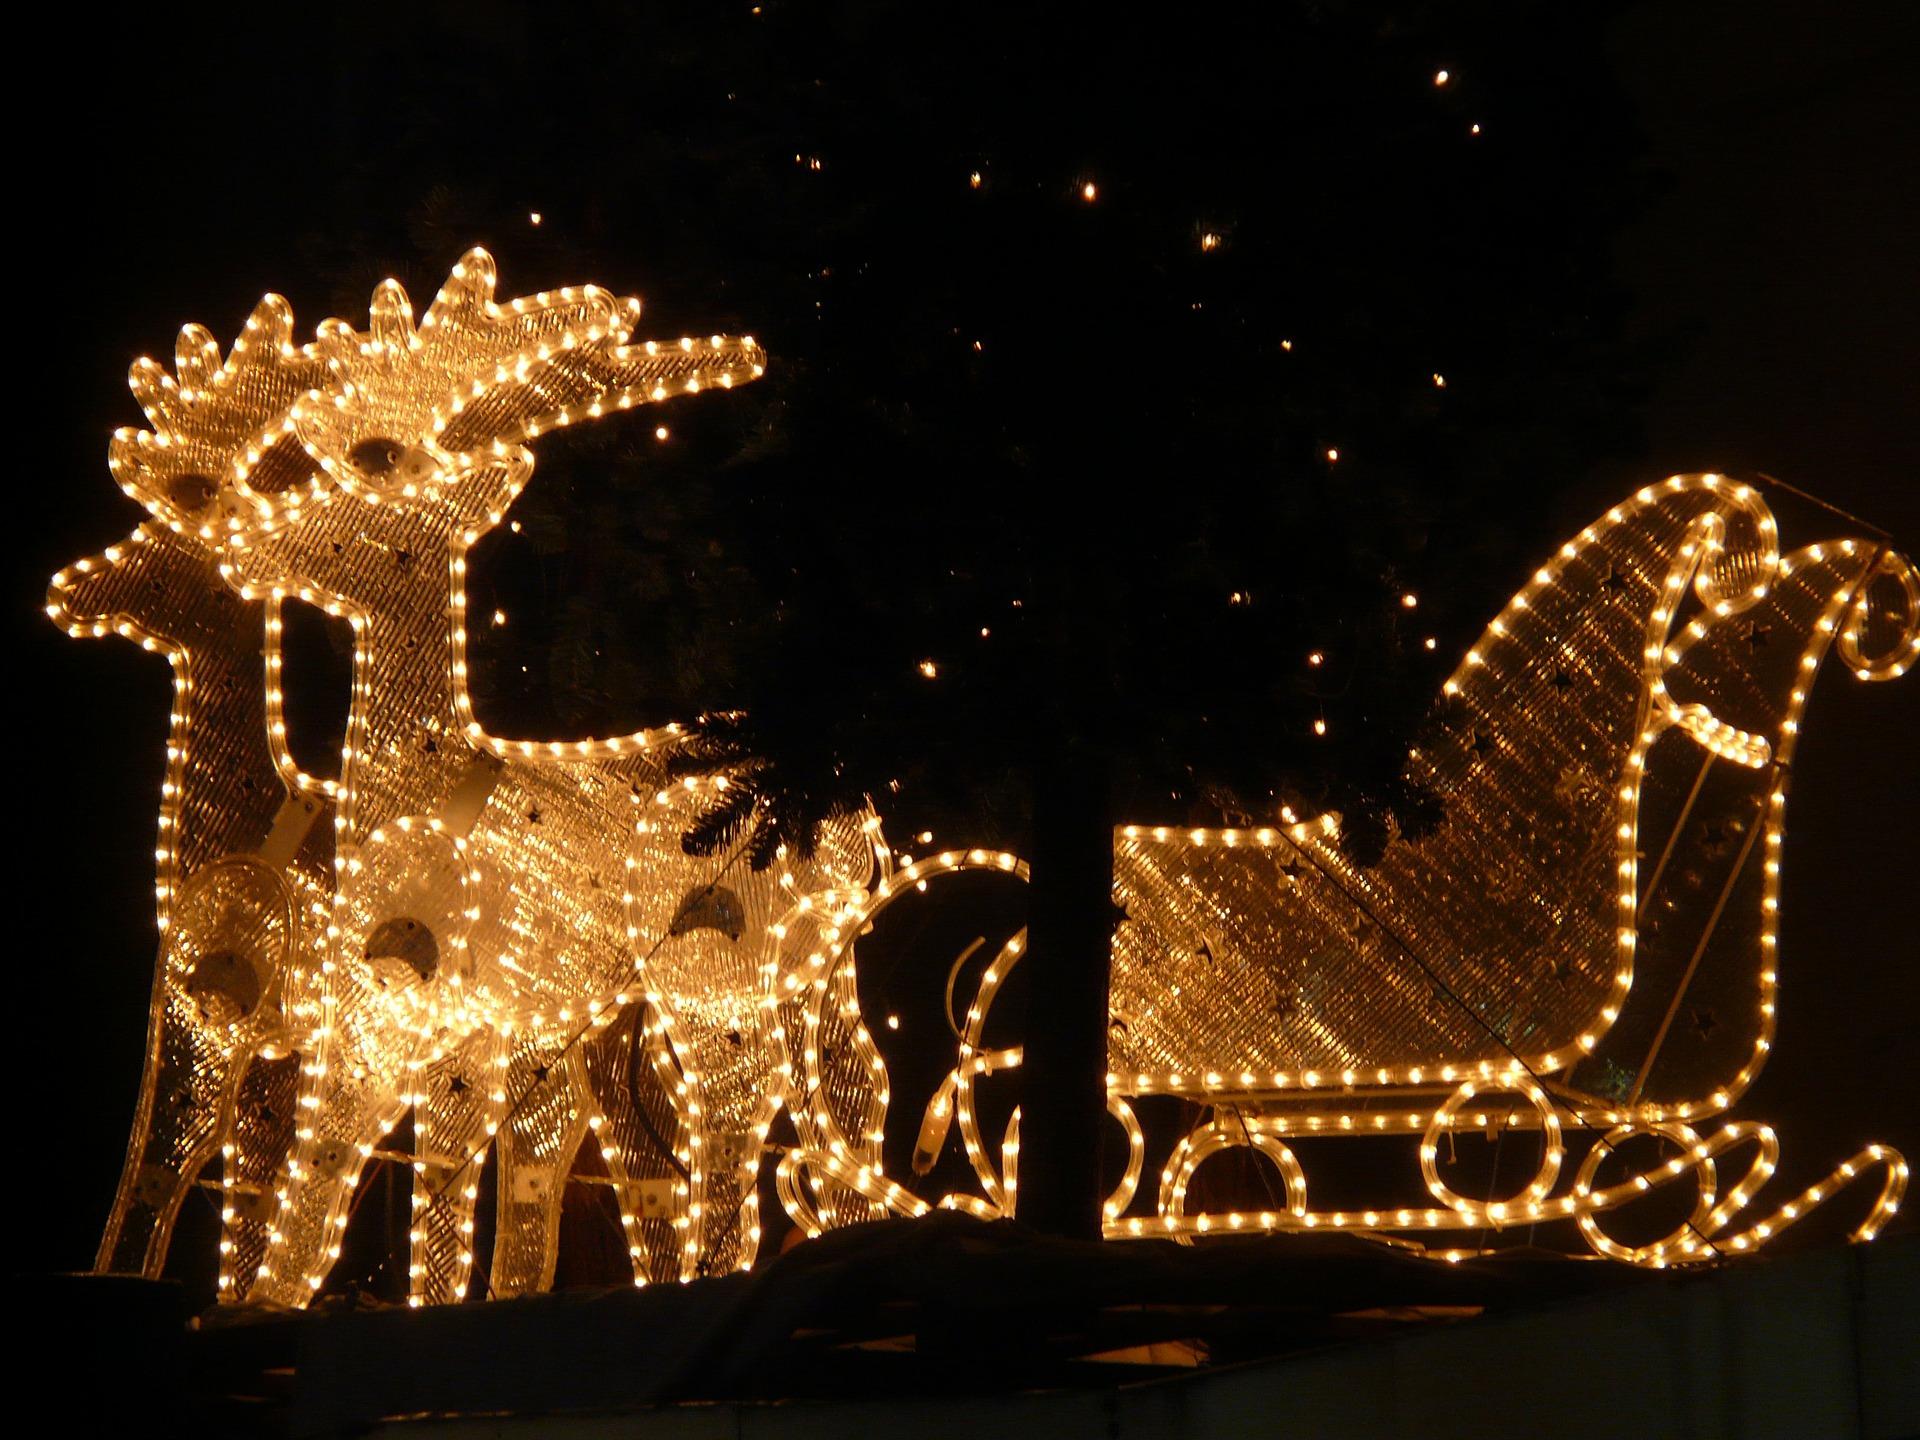 Günstige Weihnachtsbeleuchtung Aussen.Sicher Durch Die Adventszeit Aktuelle Pressemeldungen Tüv Nord Group